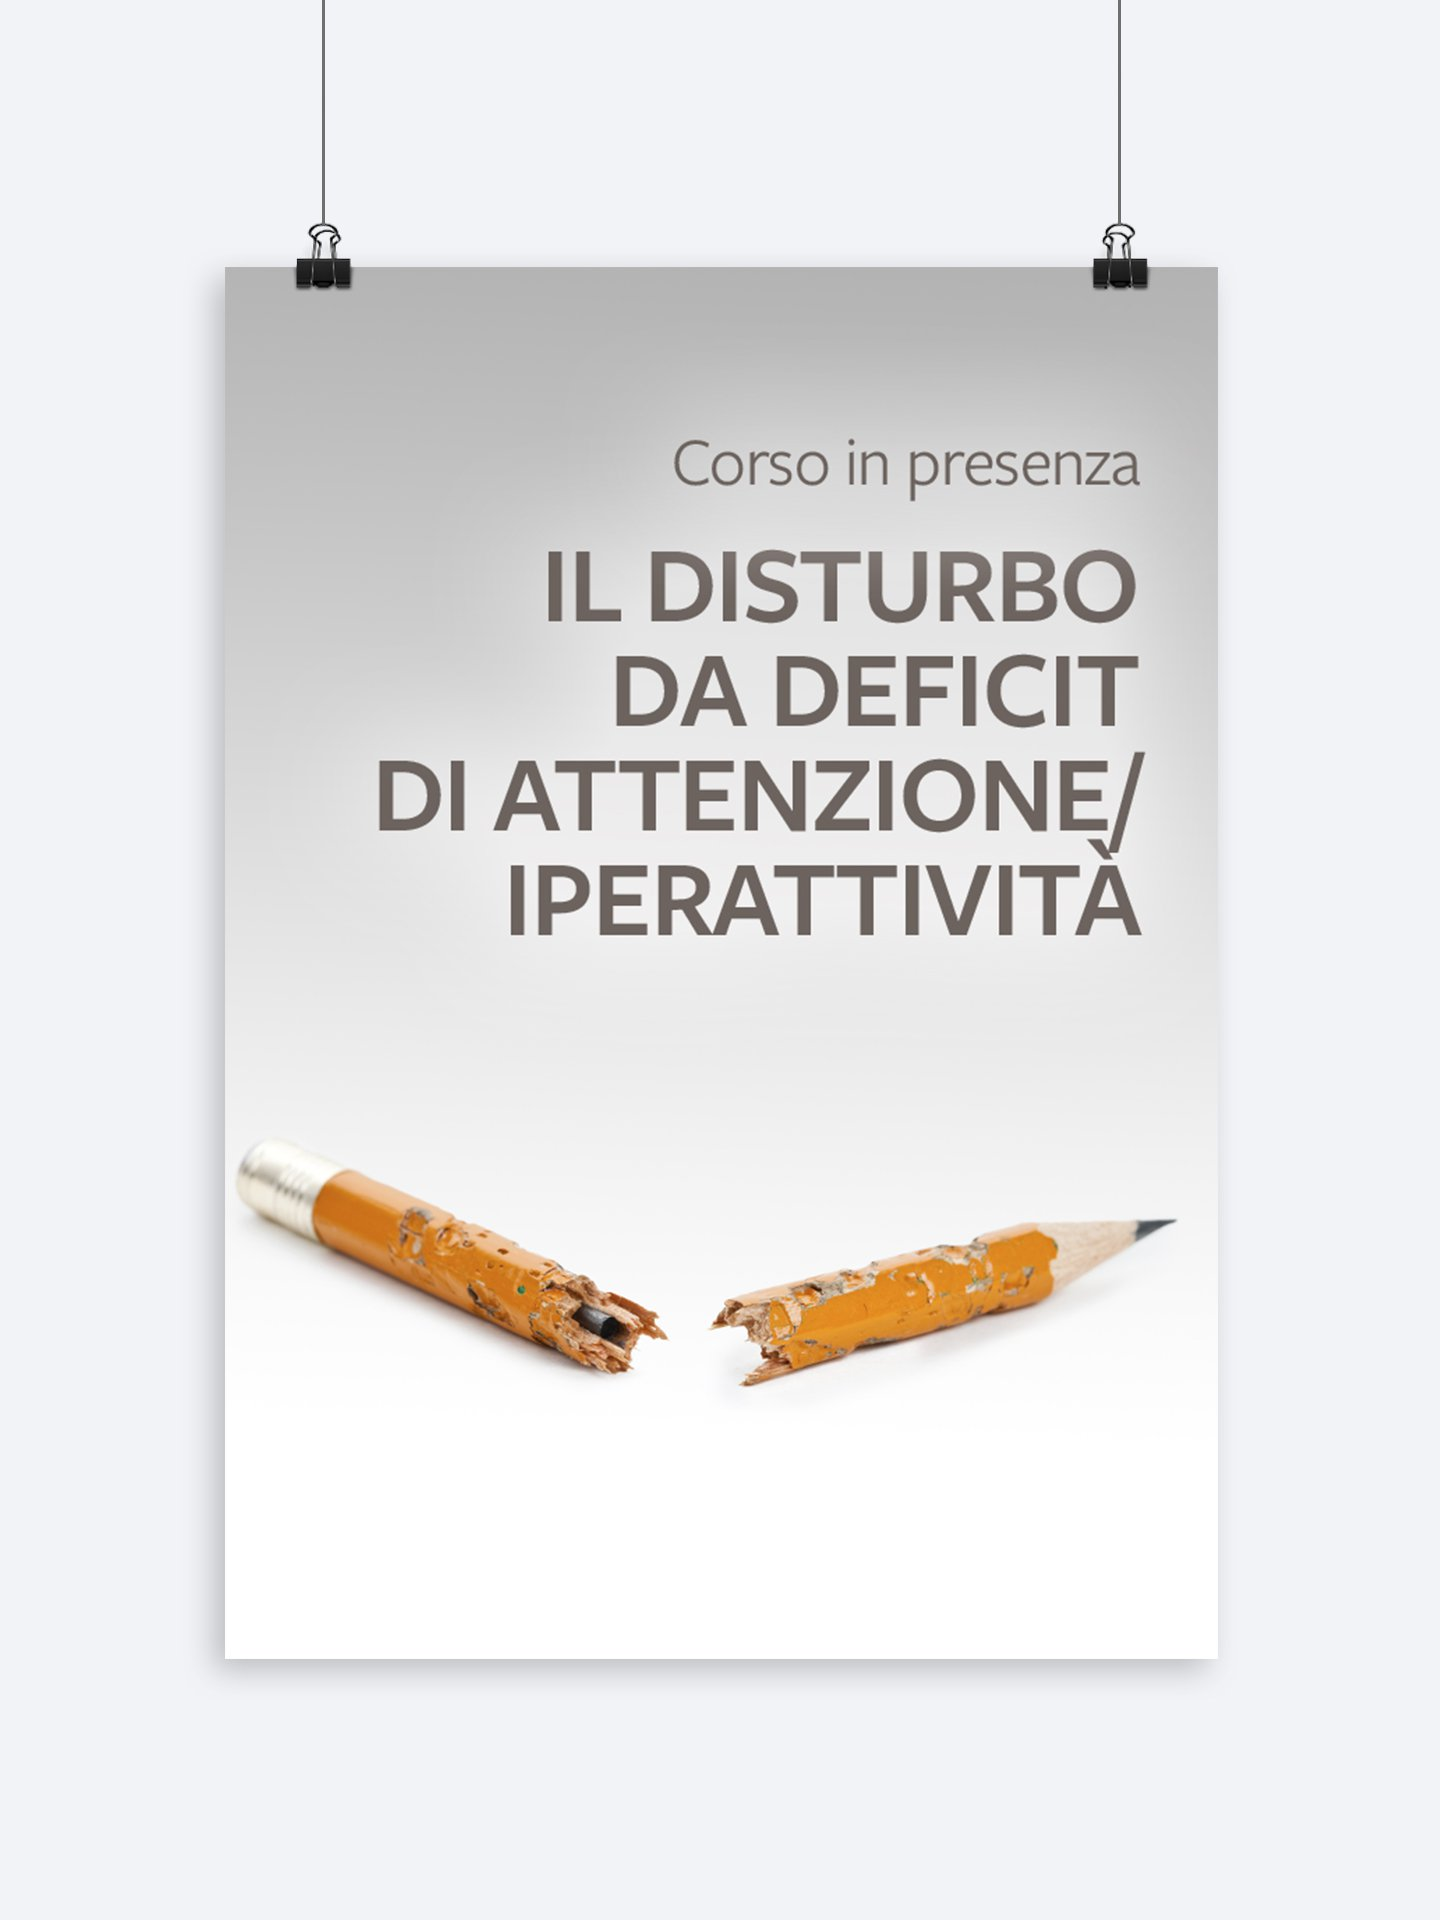 Il Disturbo da Deficit di Attenzione/Iperattività - Disturbi dell'attenzione e iperattività - Libri - Erickson